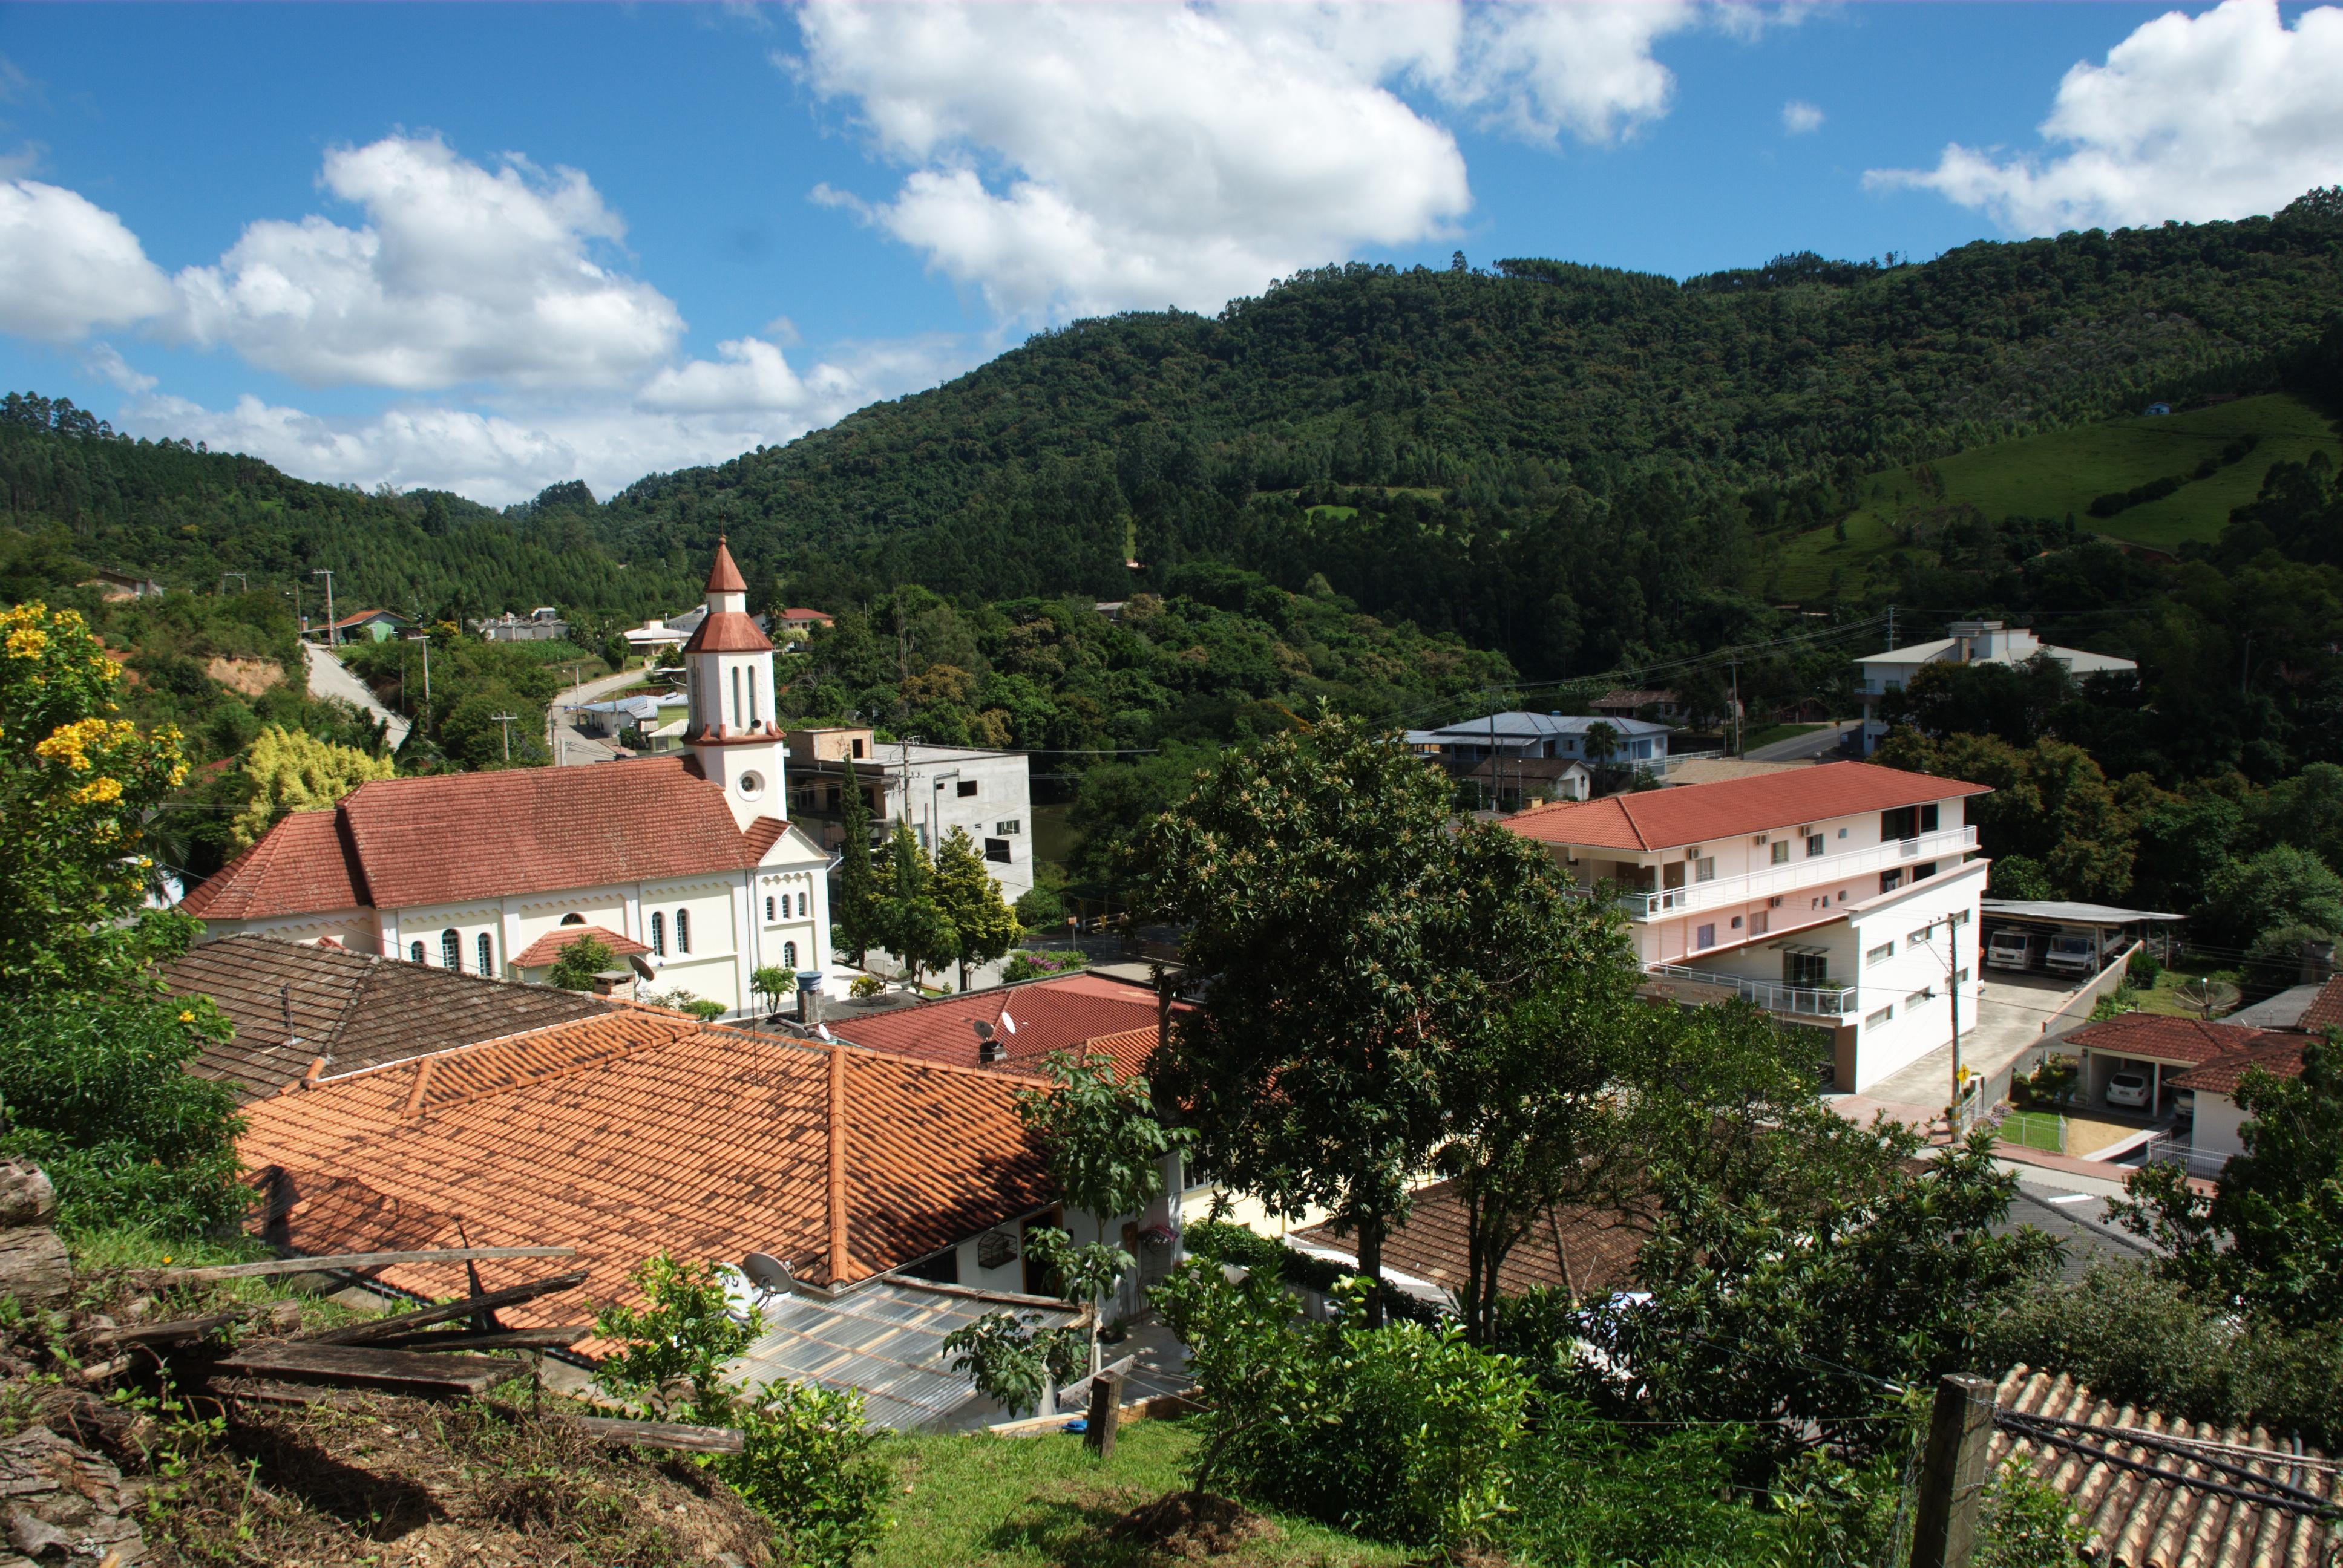 Santa Rosa de Lima completa 58 anos com desafios e esperança no futuro